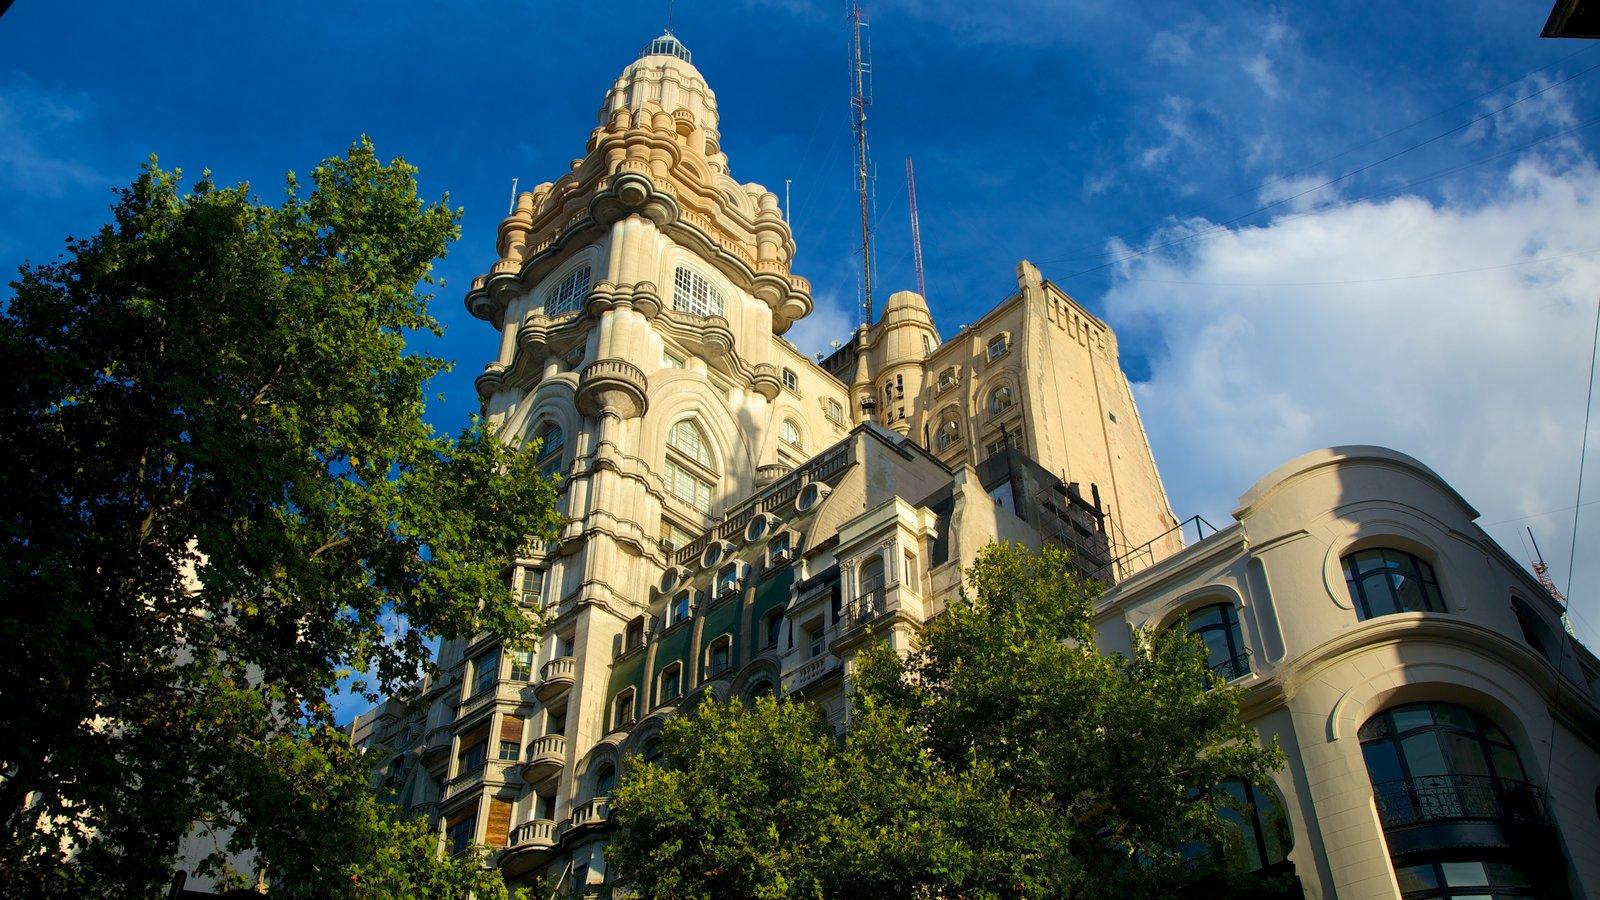 Edifício Barolo mostrando uma cidade e arquitetura de patrimônio